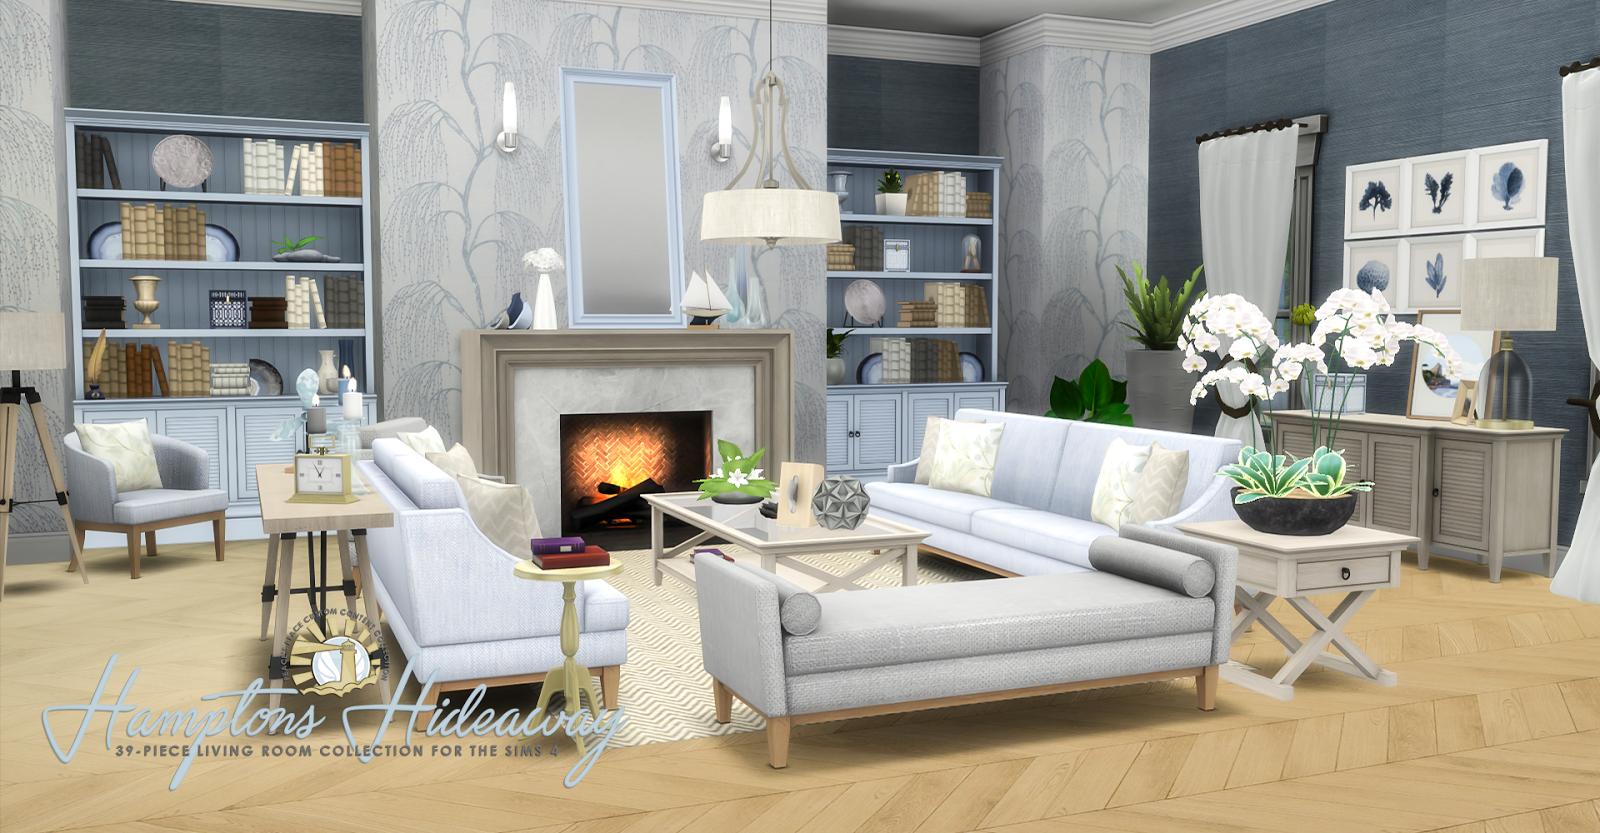 Simsational Designs: Hamptons Hideaway